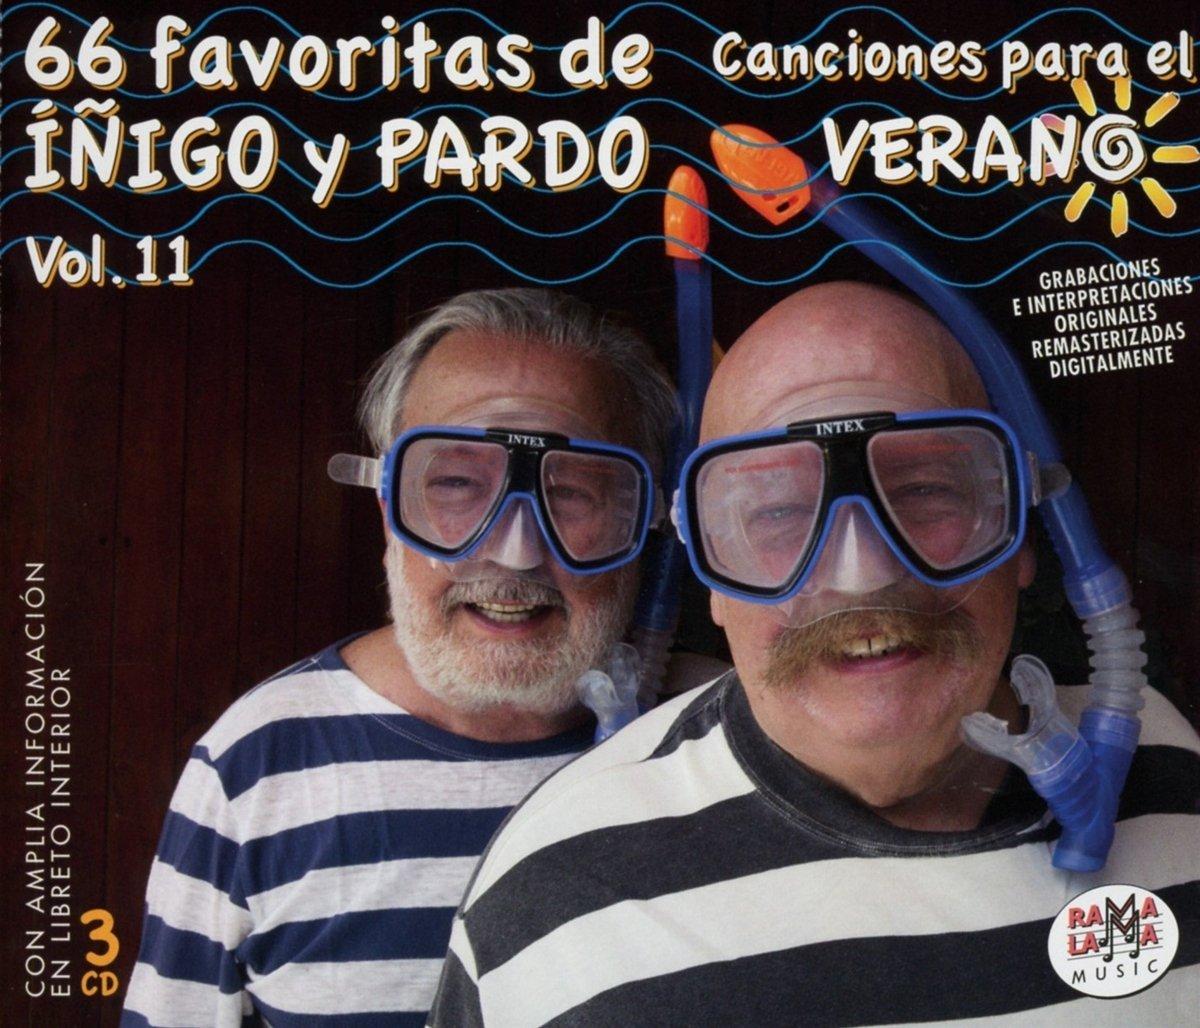 66 Favoritas Iñigo Y Pardo Vol.11 : Varios: Amazon.es: Música